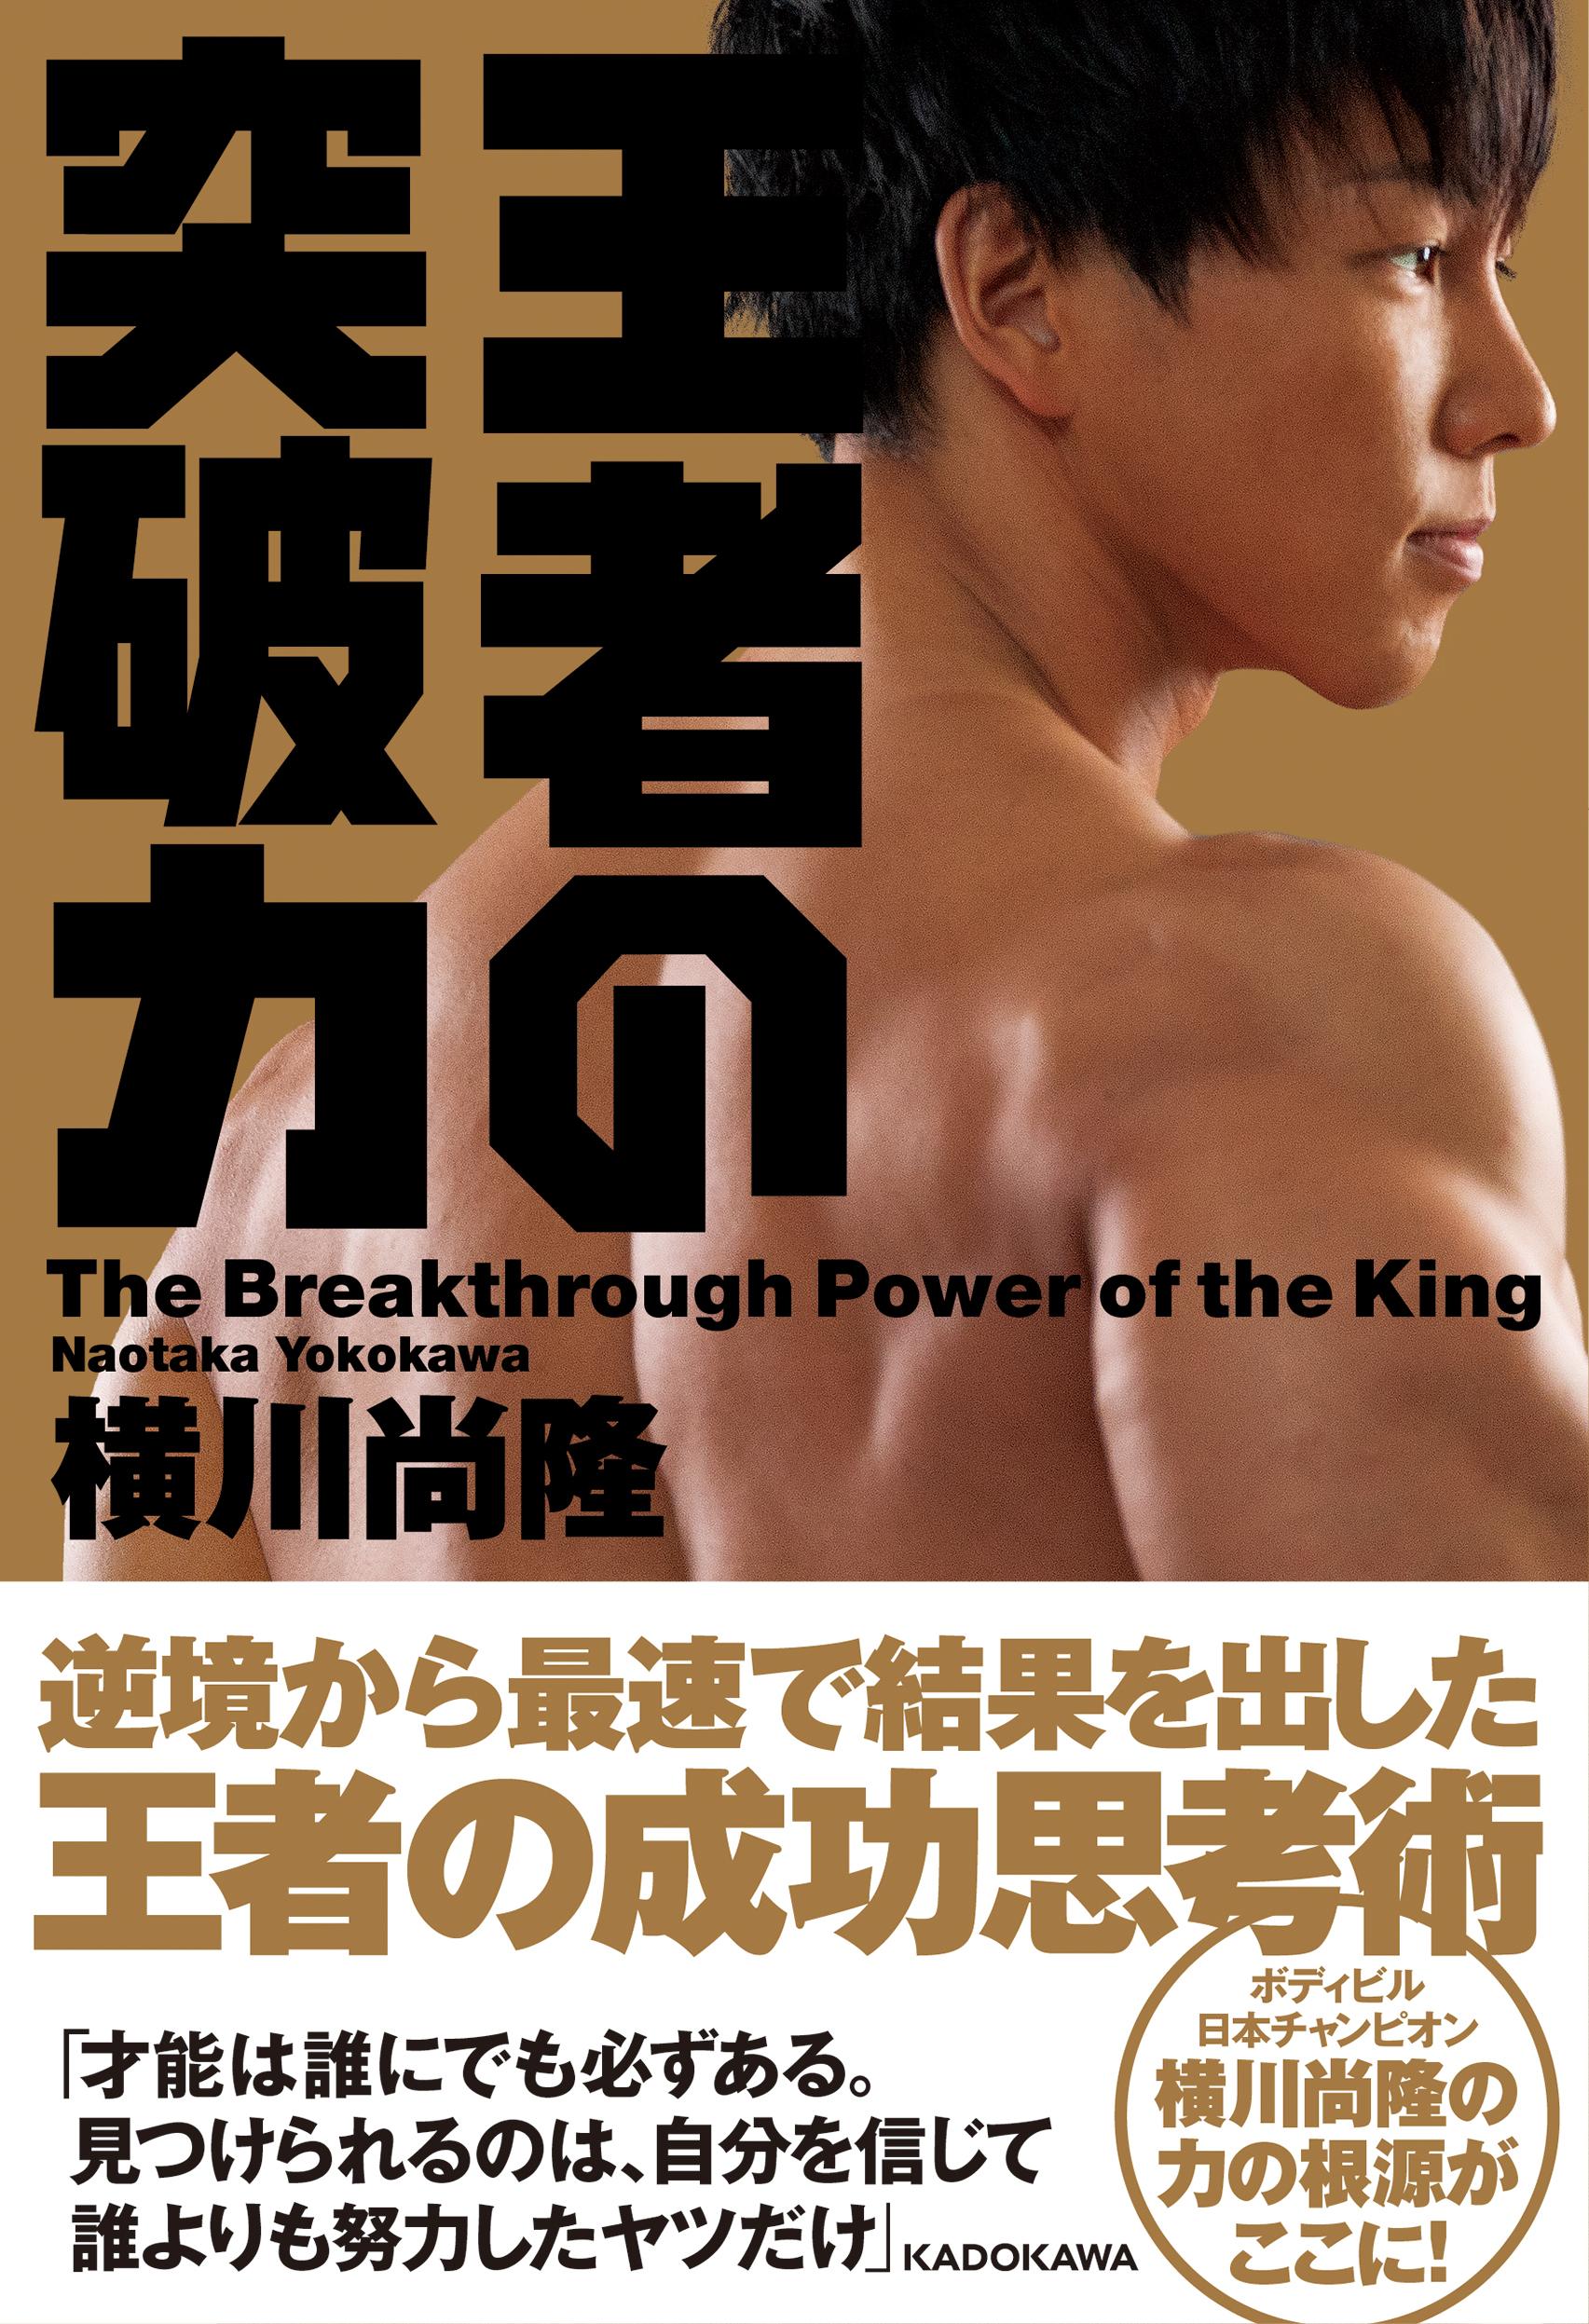 横川尚隆「王者の突破力」発売記念イベント(サイン本付)